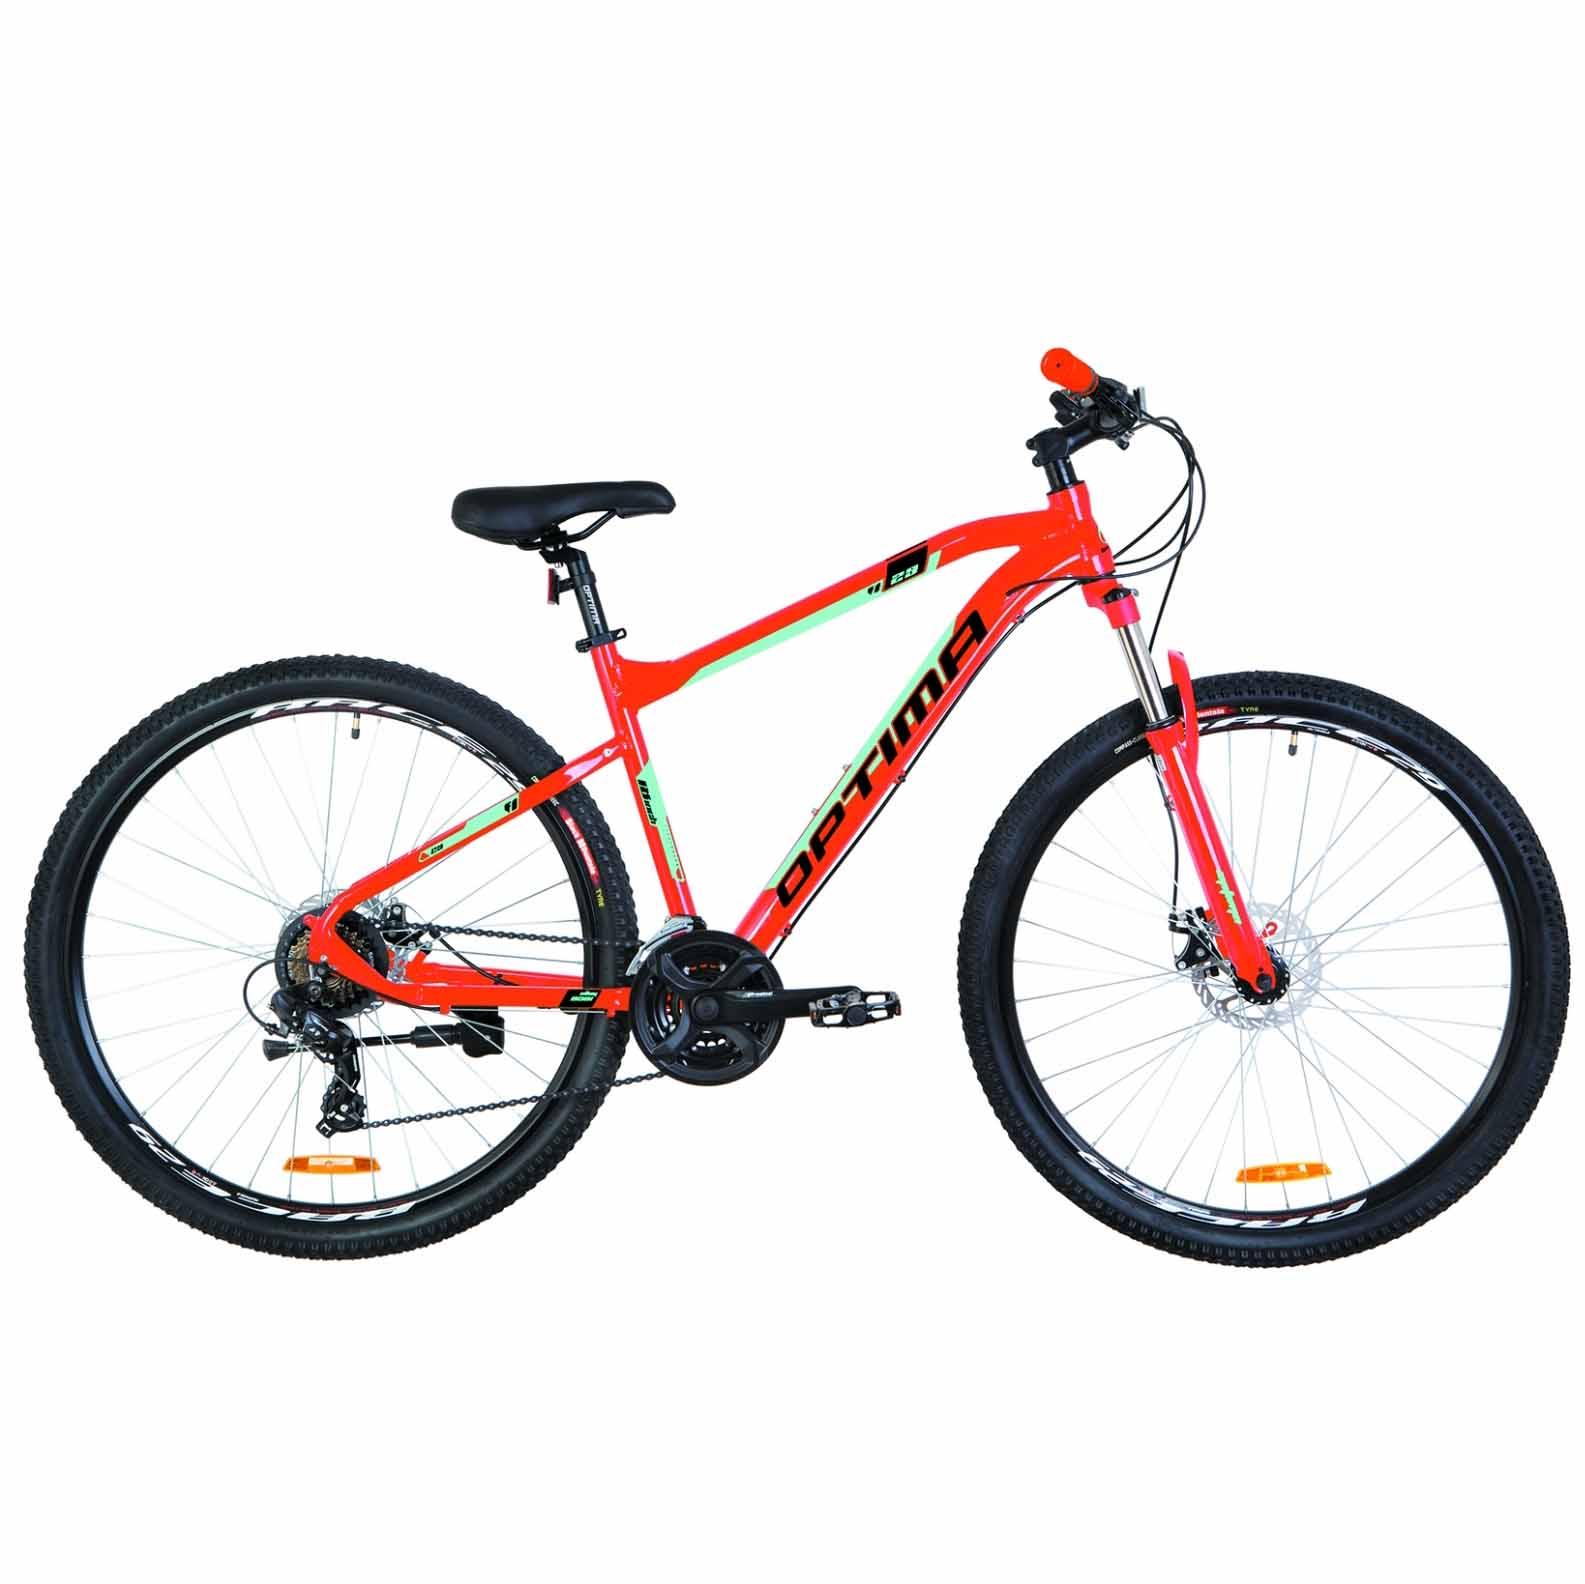 Фото Горный Велосипед 29 Optimabikes F-1 DD  рама-18 оранжево-бирюзовый   2019